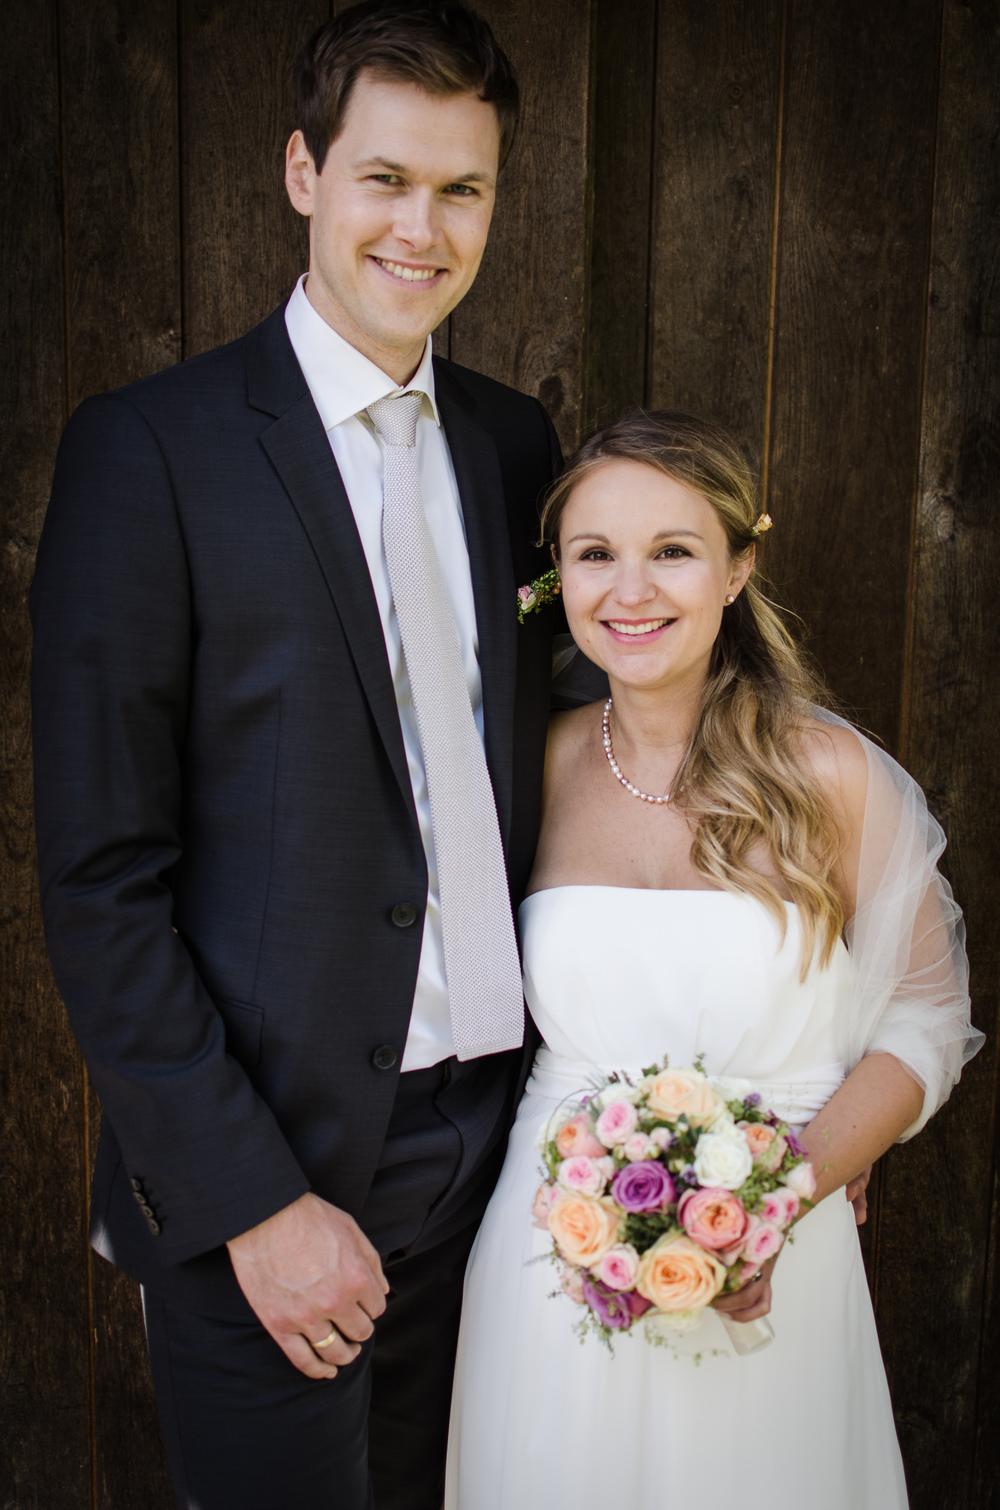 20150905_wedding_hochzeit_torhaus_münster_christoph_schlein-0545.jpg